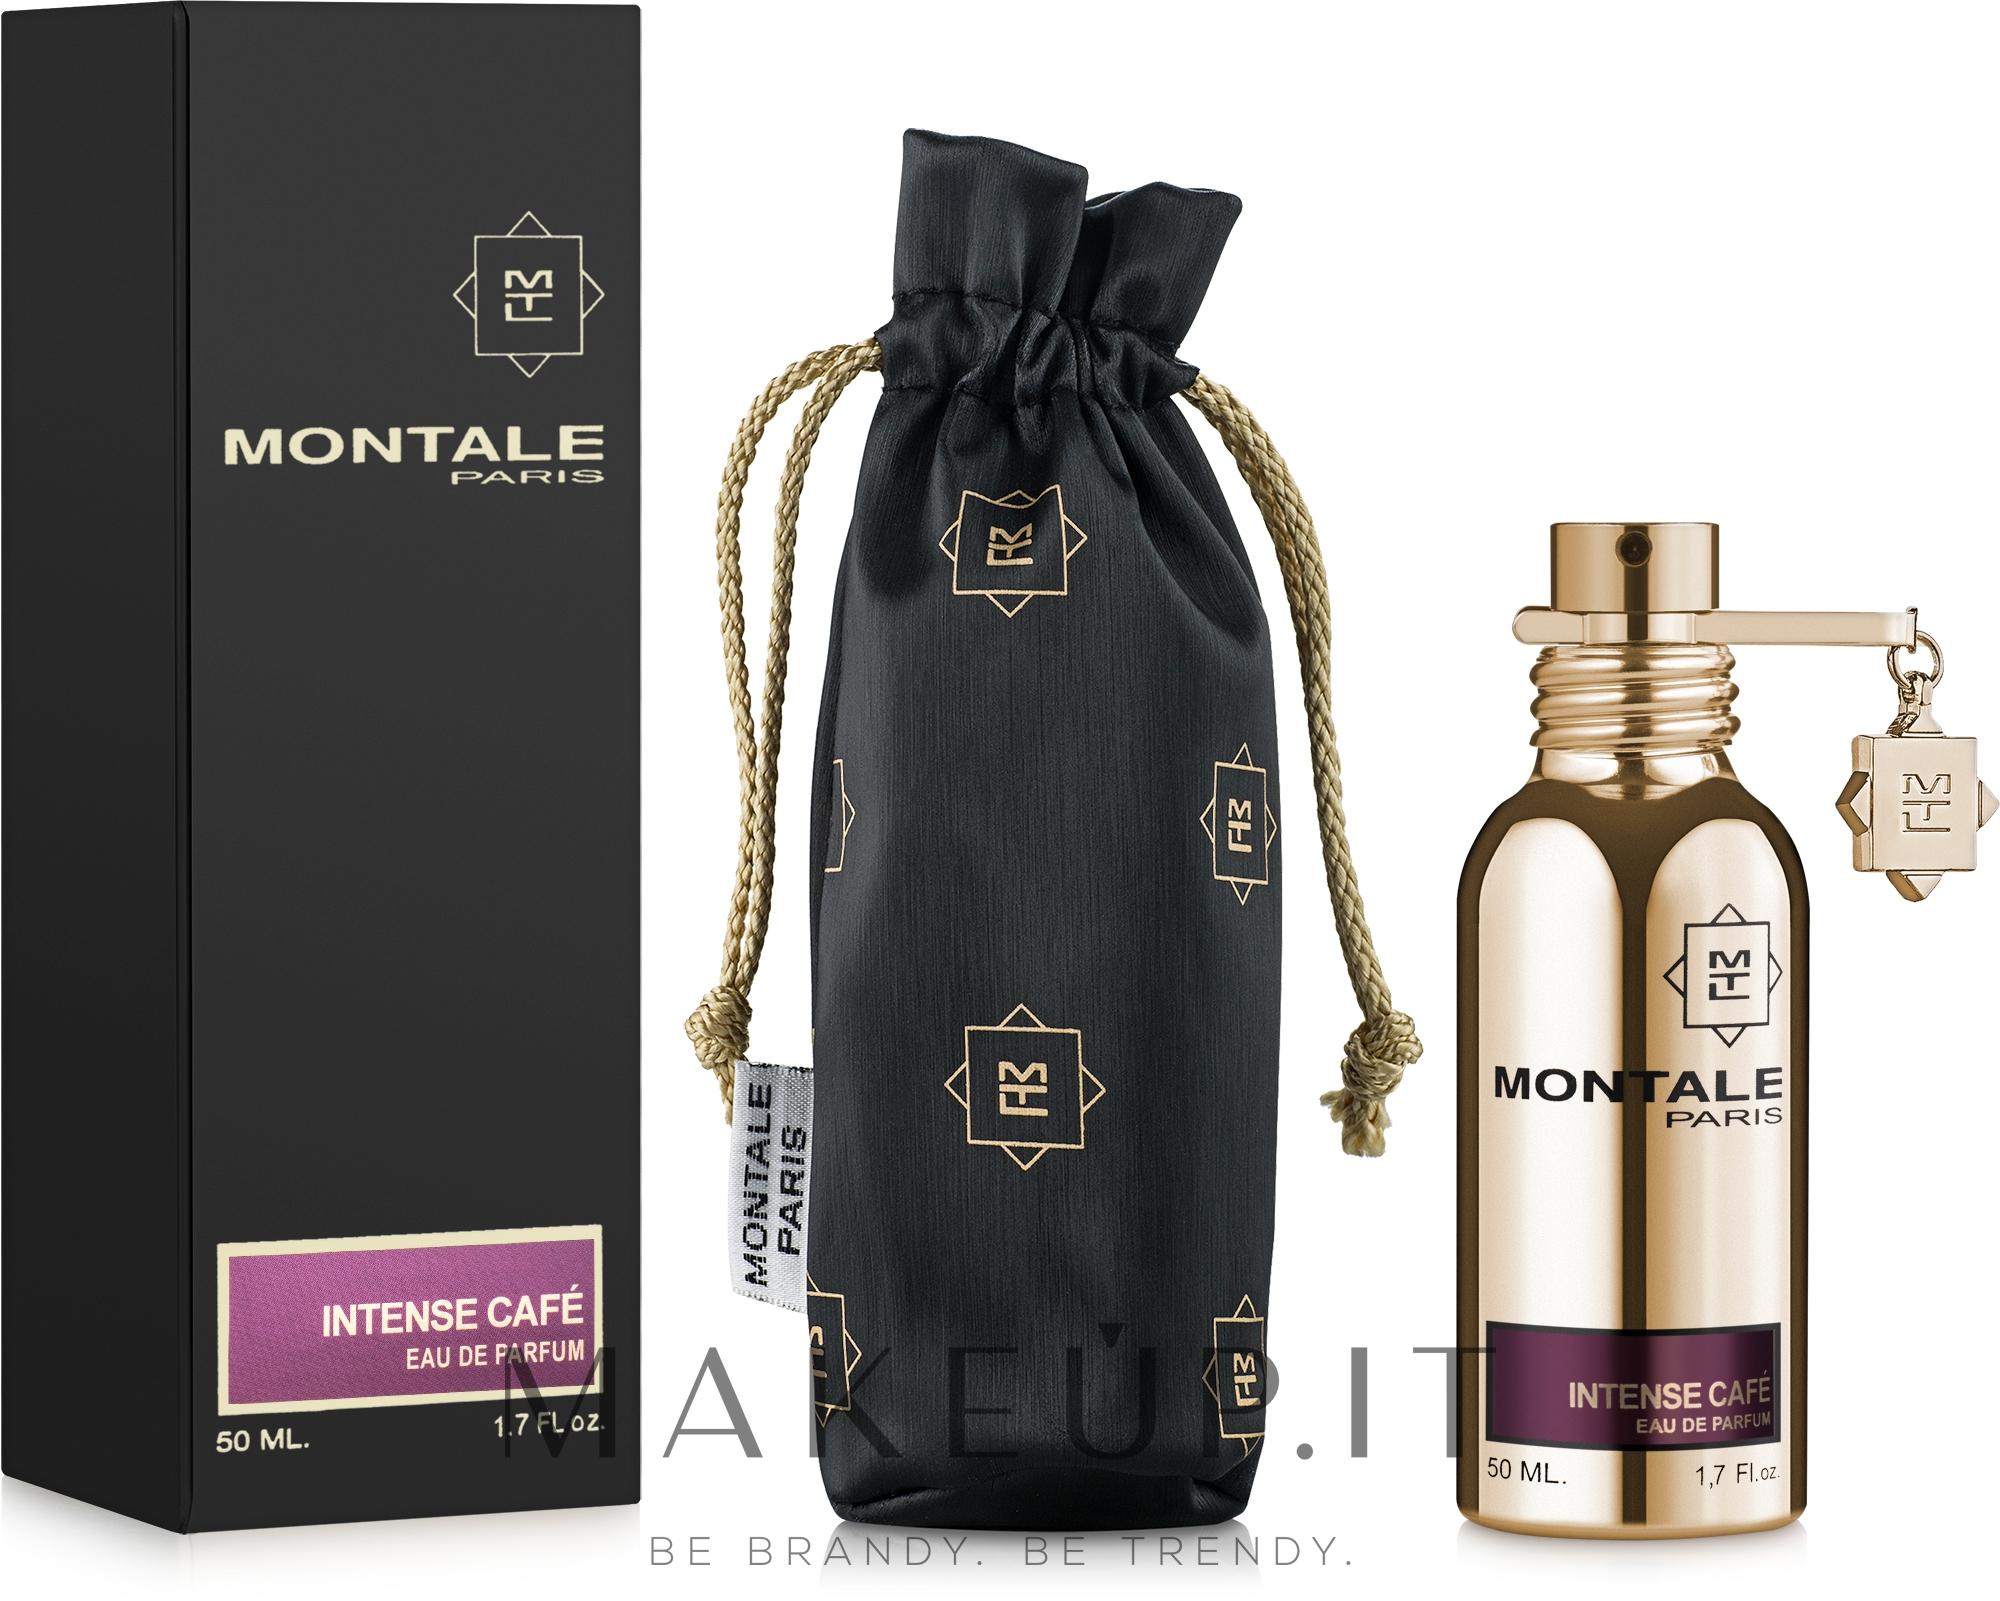 Montale Intense Cafe - Eau de Parfum — foto 50 ml